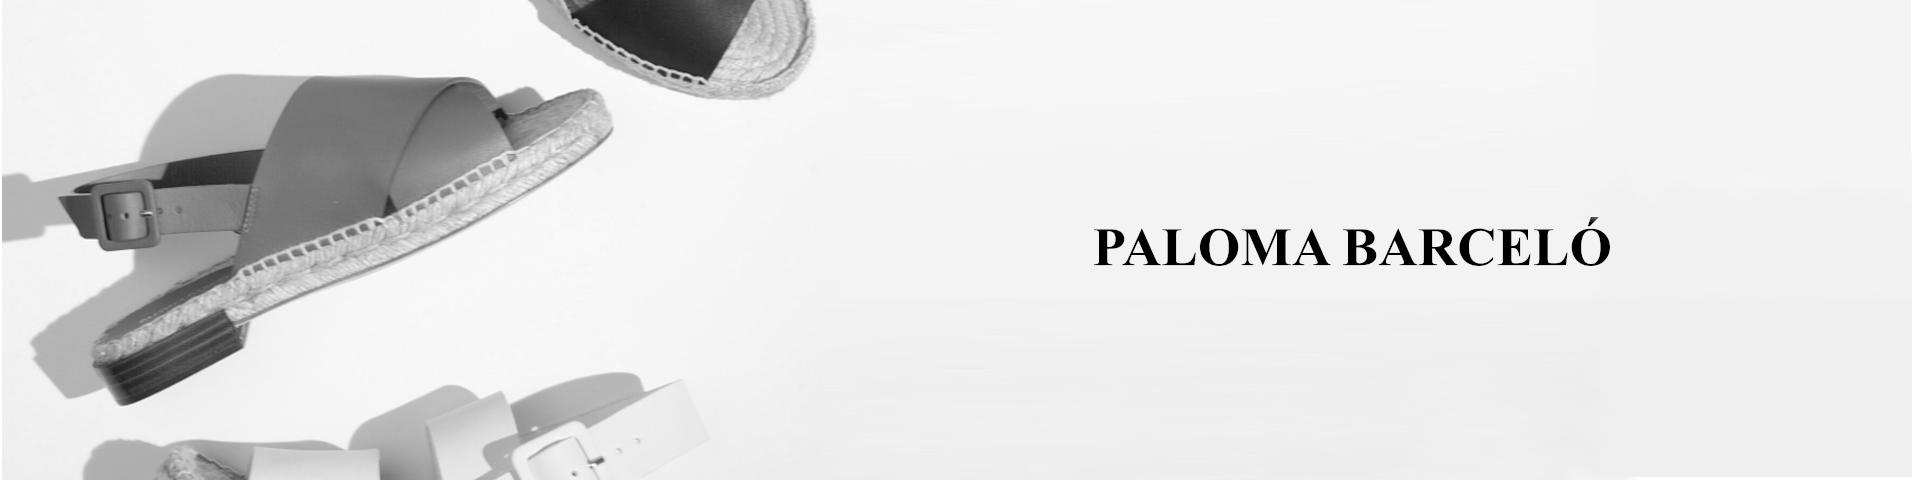 Buty damskie, męskie i dla dzieci Paloma Barceló w ZALANDO